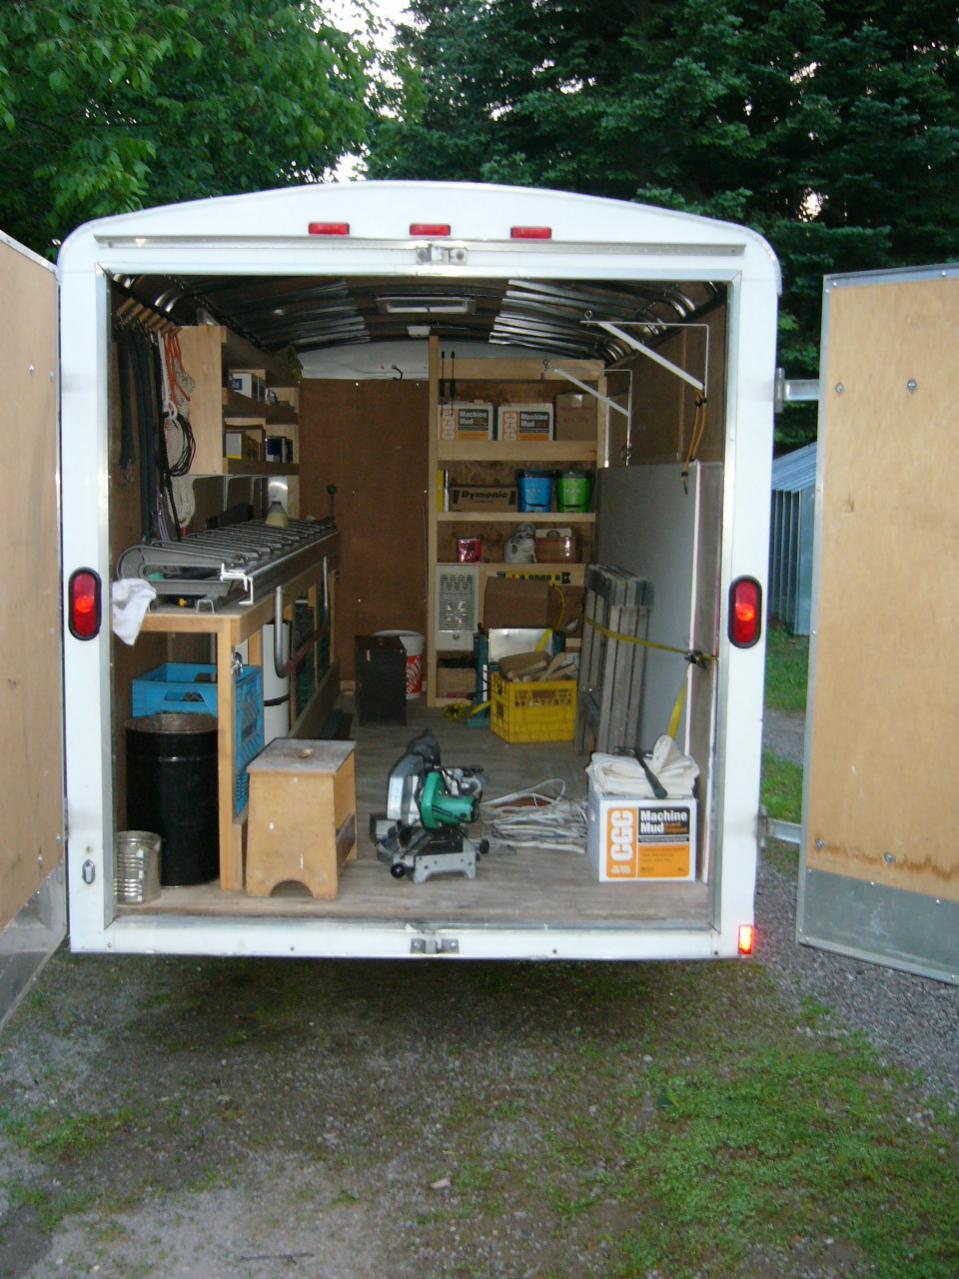 Post your work truck/van thread-truck-4.jpg